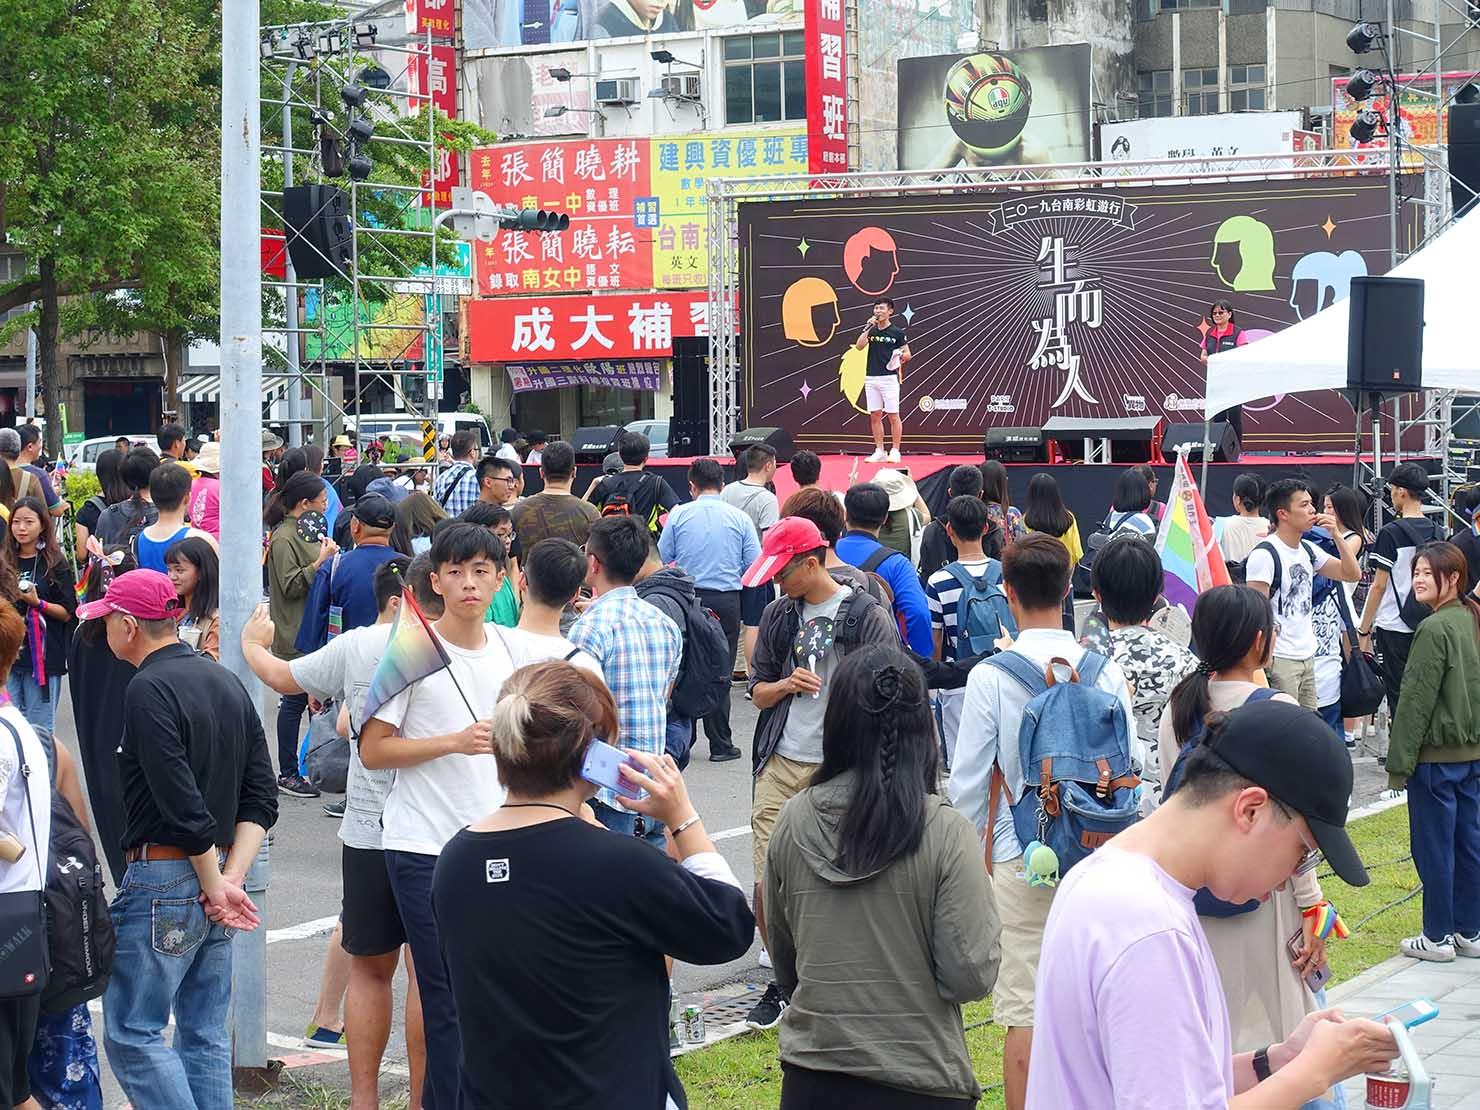 台南彩虹遊行(台南レインボーパレード)2019の会場ステージ前